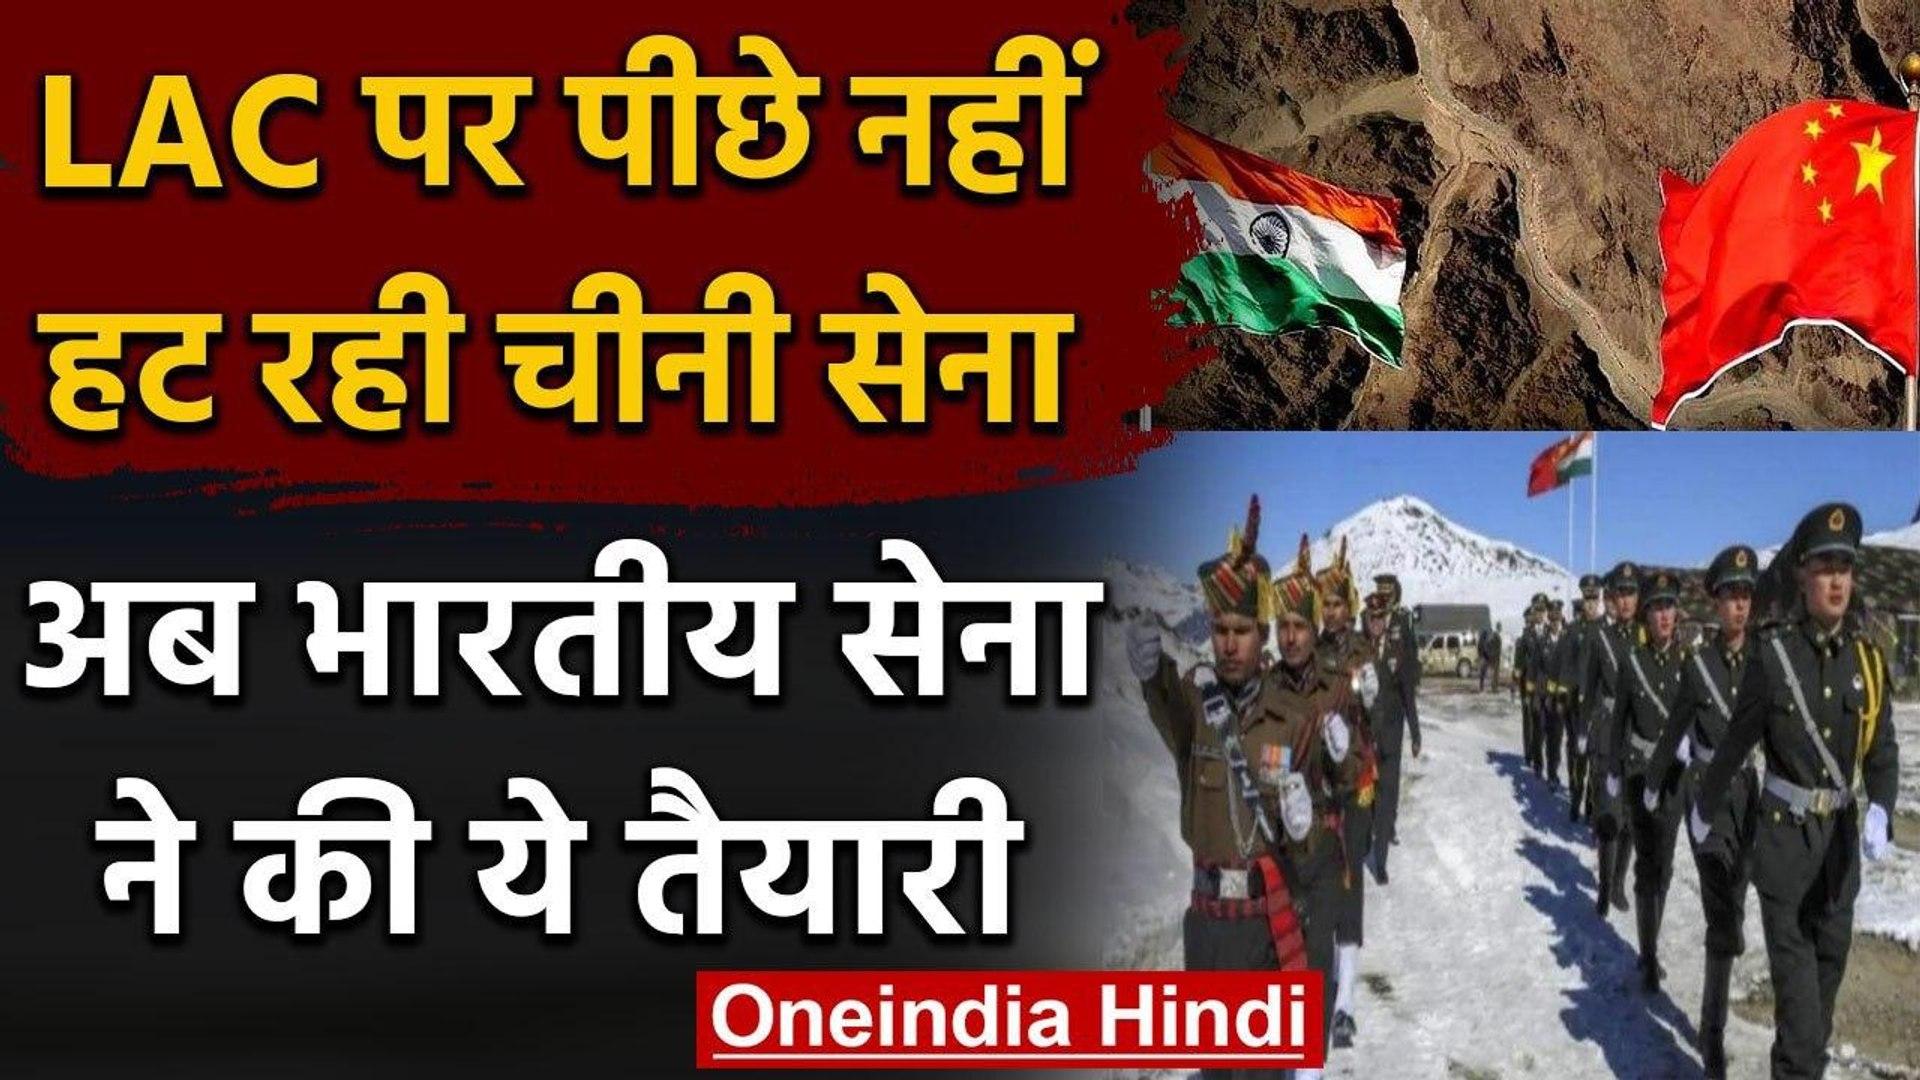 India China Tension: LAC पर बाज नहीं आ रहा चीन, Indian Army ने की ये तैयारी | वनइंडिया हिंदी